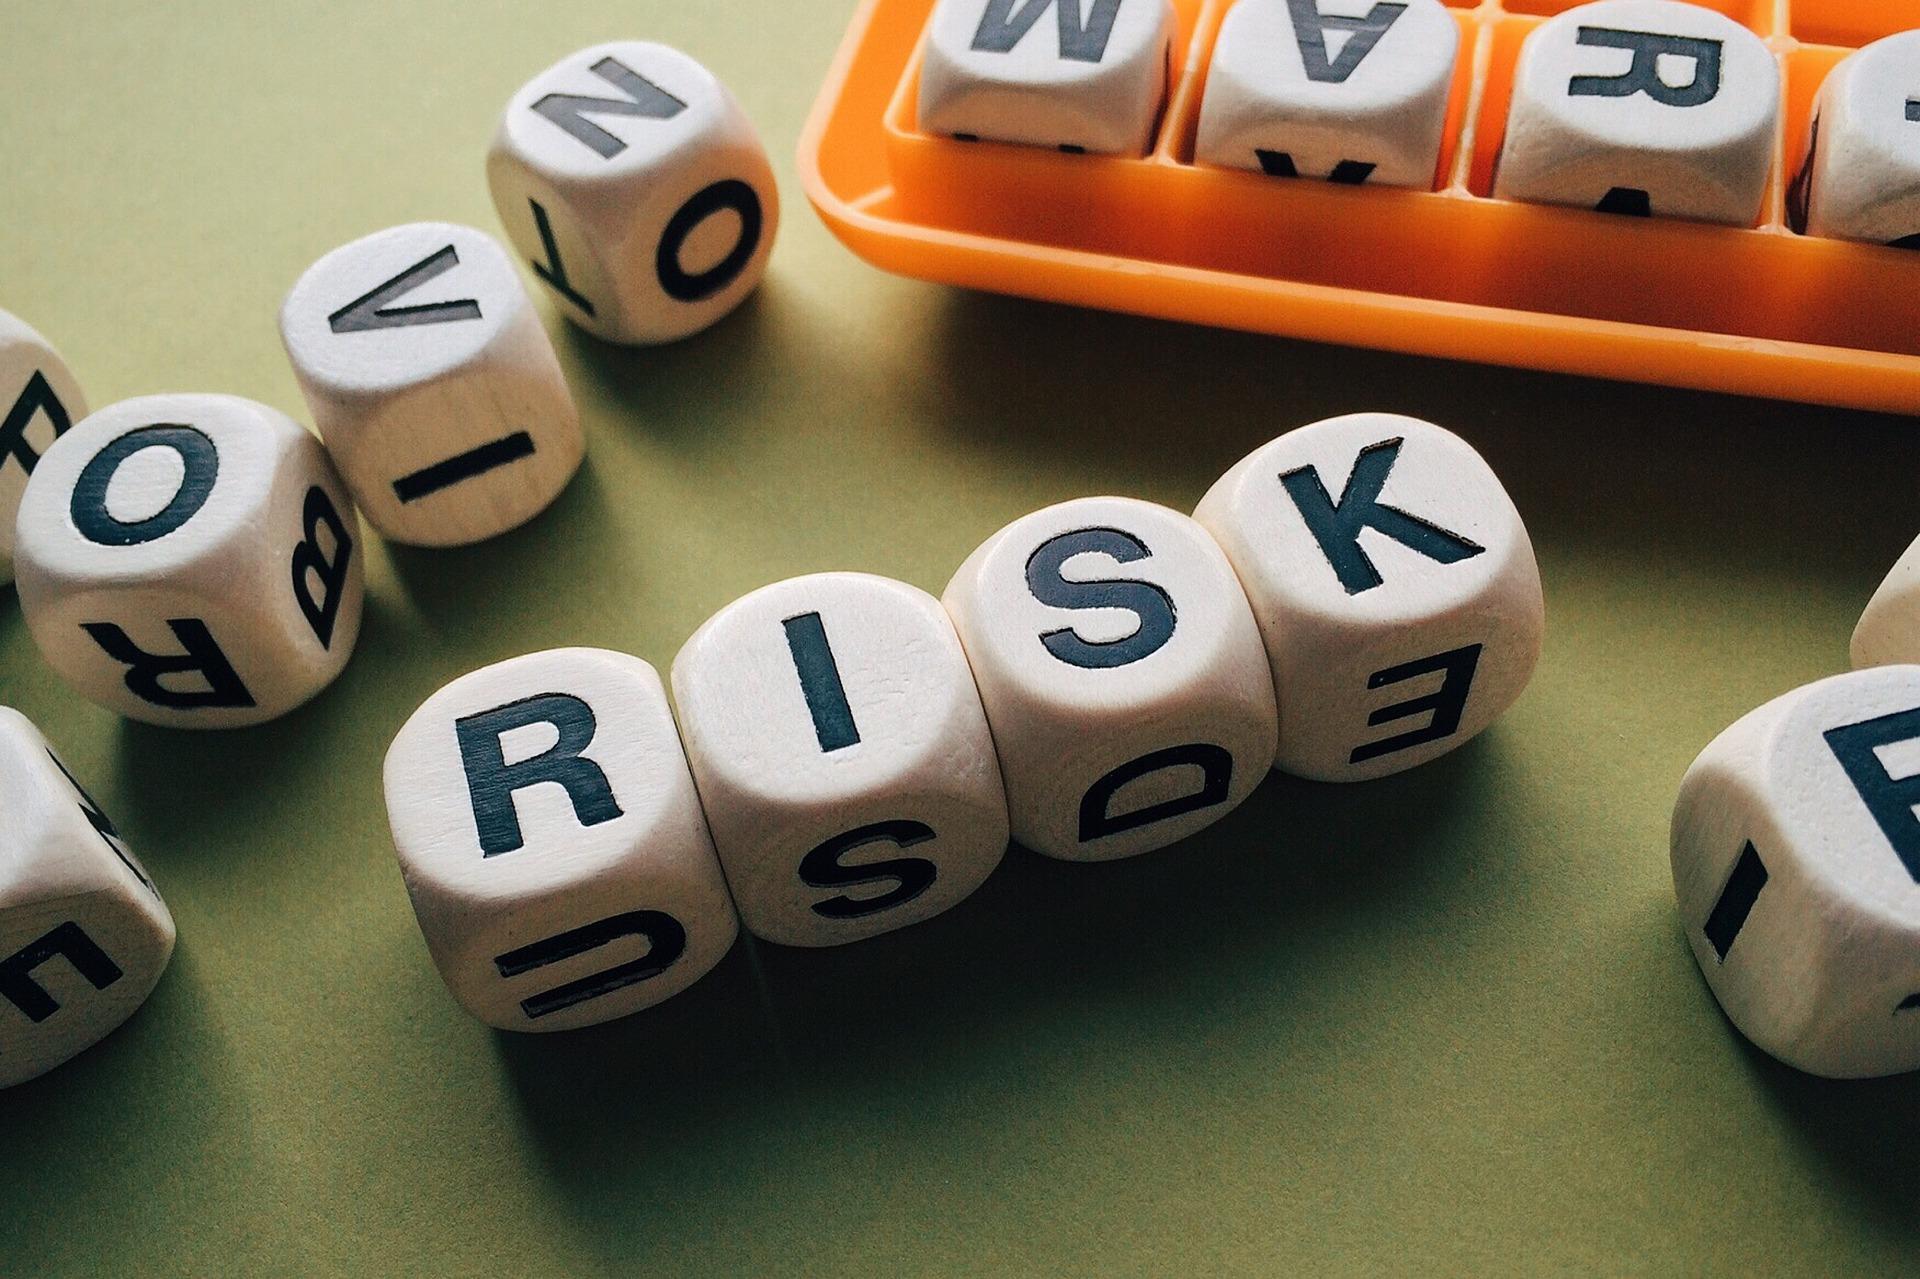 risk-1945683_1920.jpg